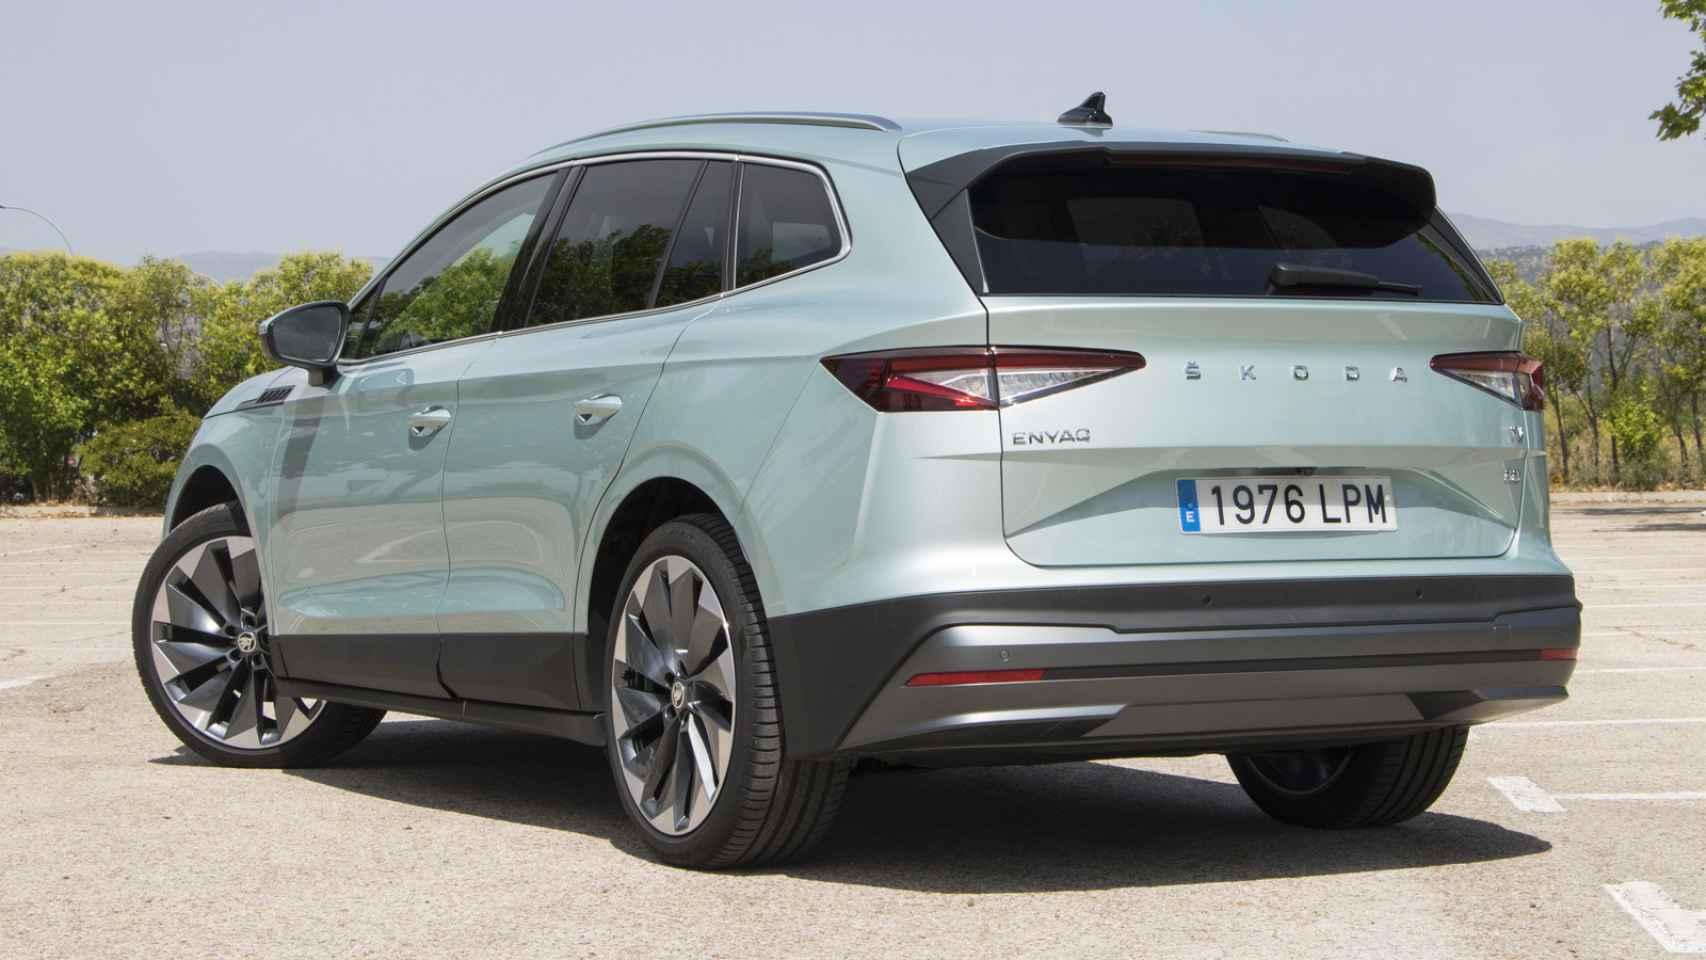 Galería de fotos del Skoda Enyaq iV, un SUV eléctrico muy parecido al Volkswagen iD.4